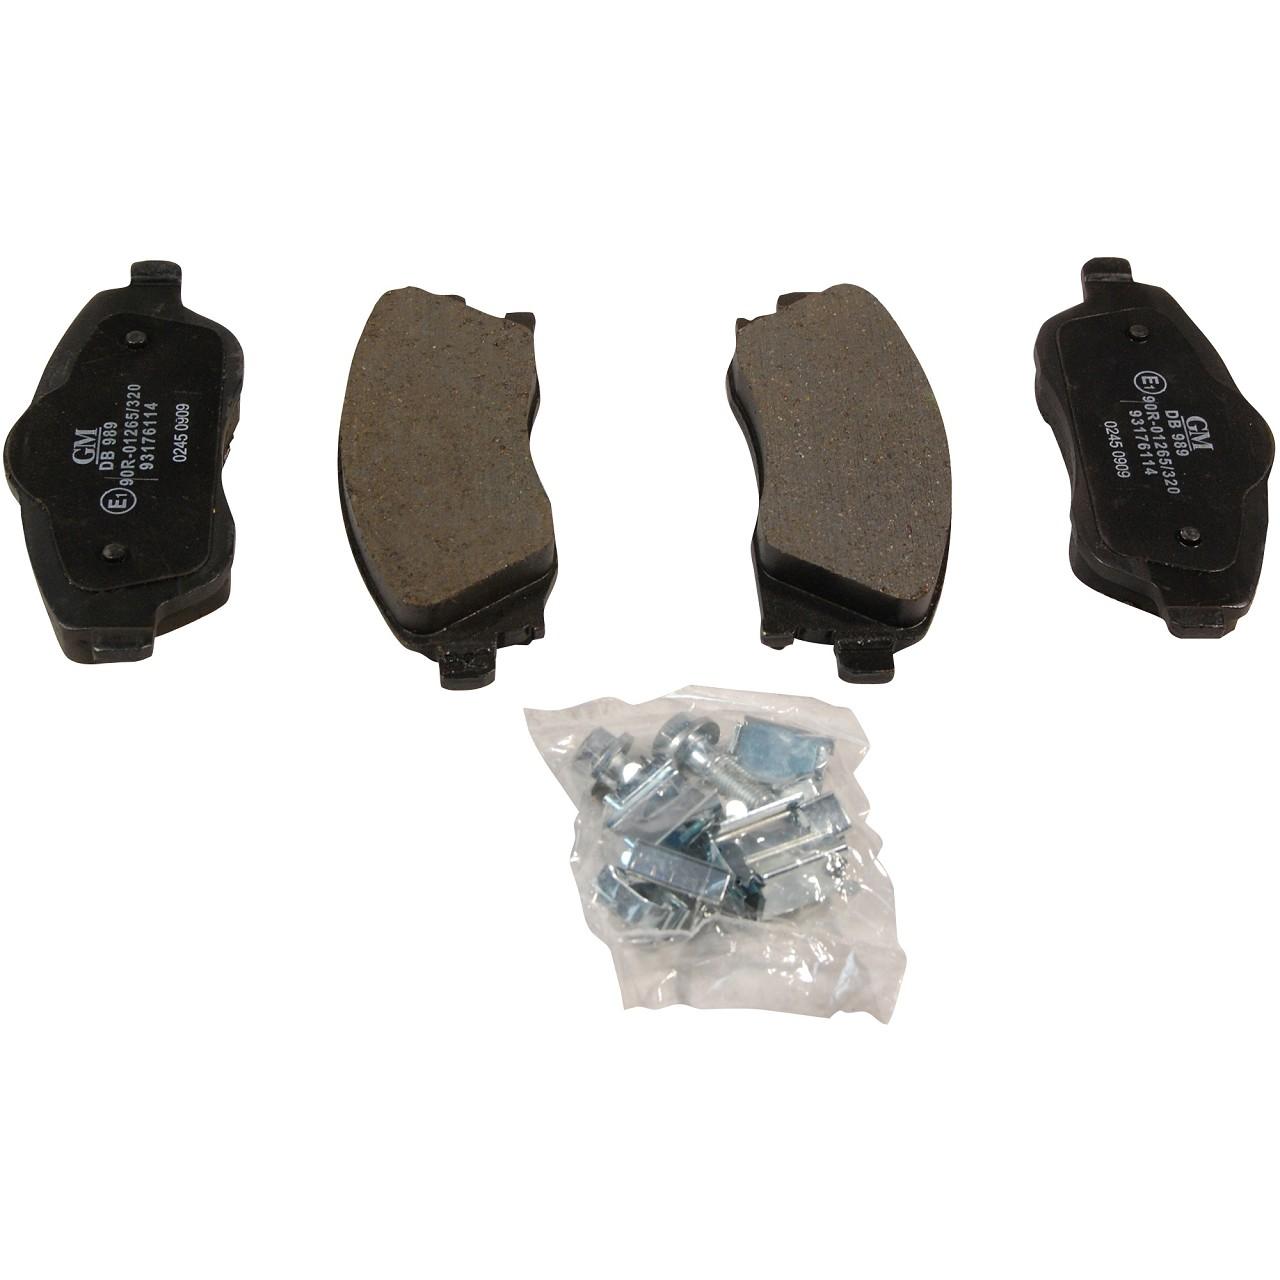 ORIGINAL Opel Bremsen Kit Bremsscheiben + Bremsbeläge CORSA C (X01) vorne